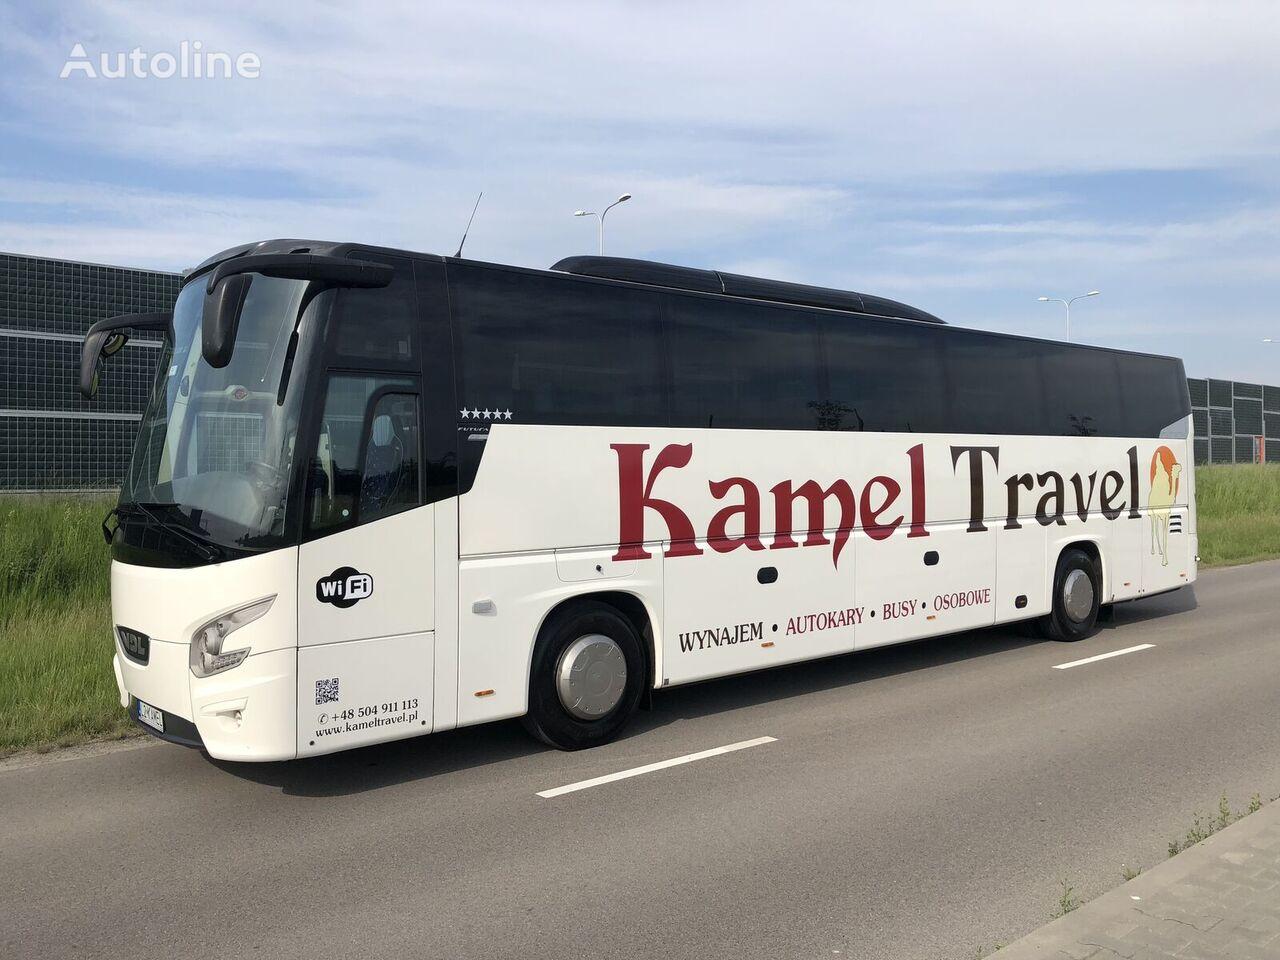 VDL Futura FHD2 129-440 - EURO 6 coach bus